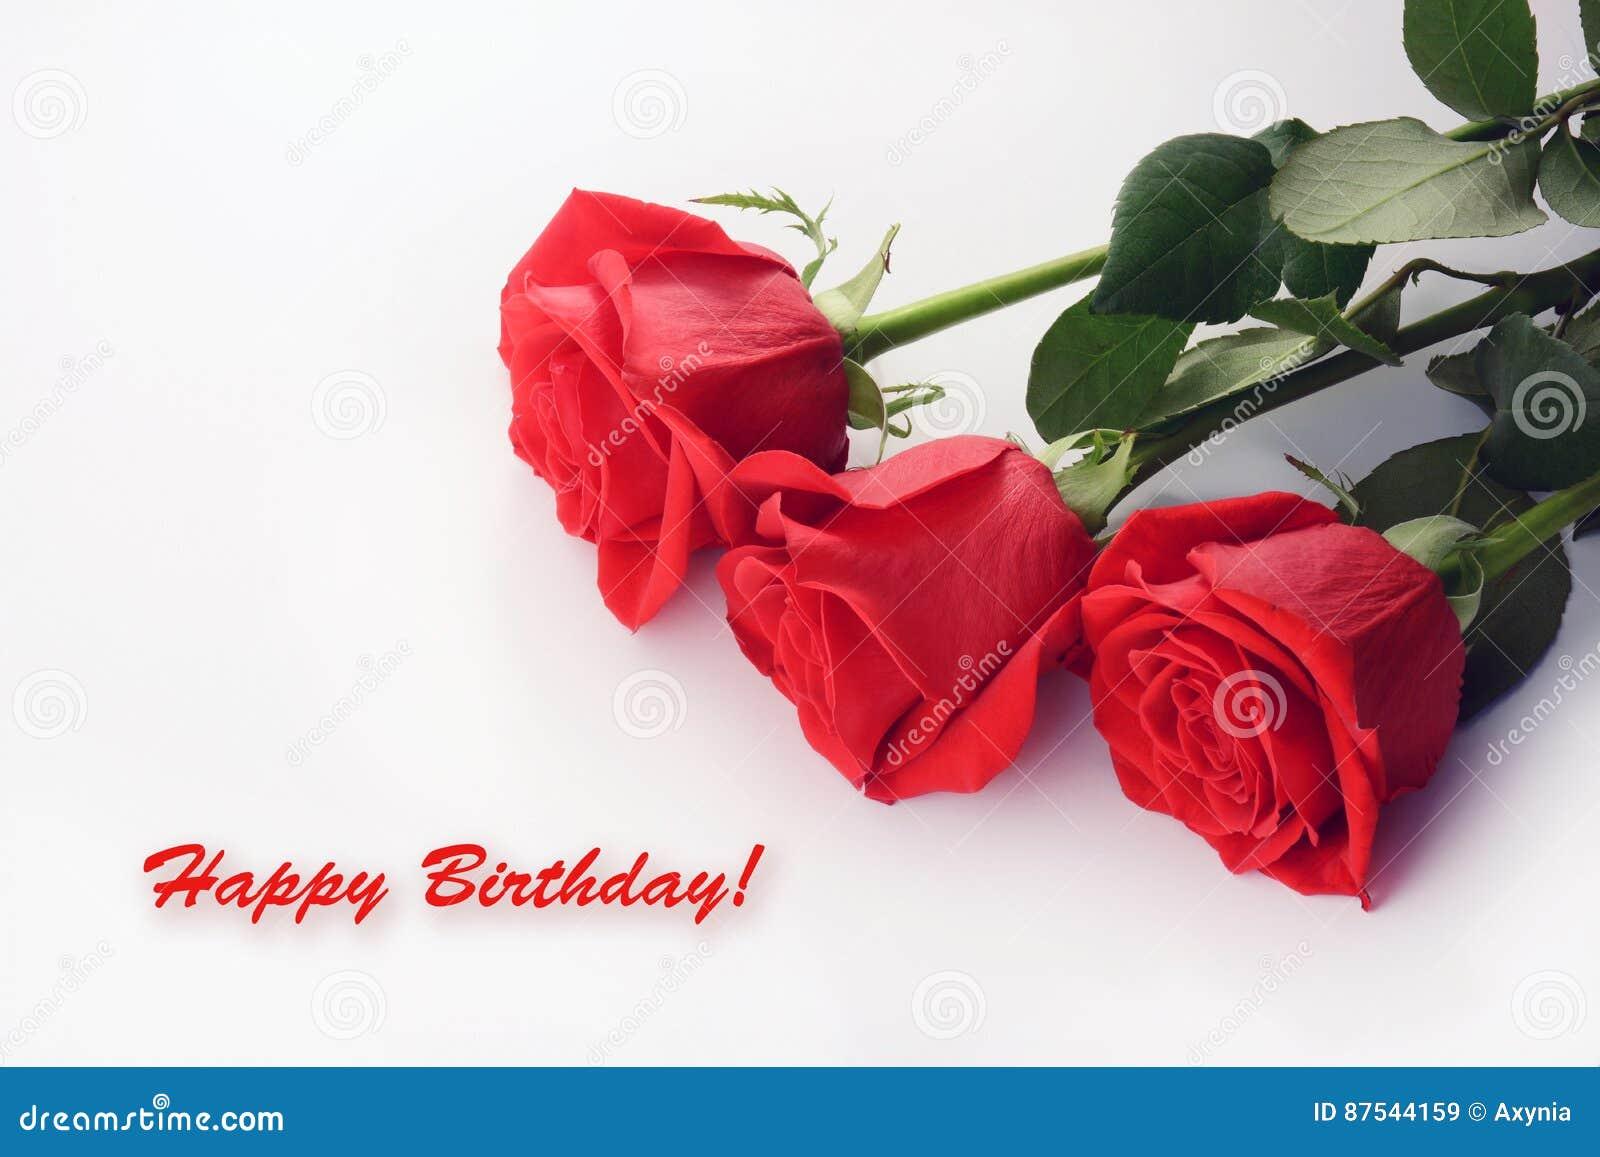 Primo Piano Delle Rose Rosse Bello Mazzo Scheda Di Buon Compleanno